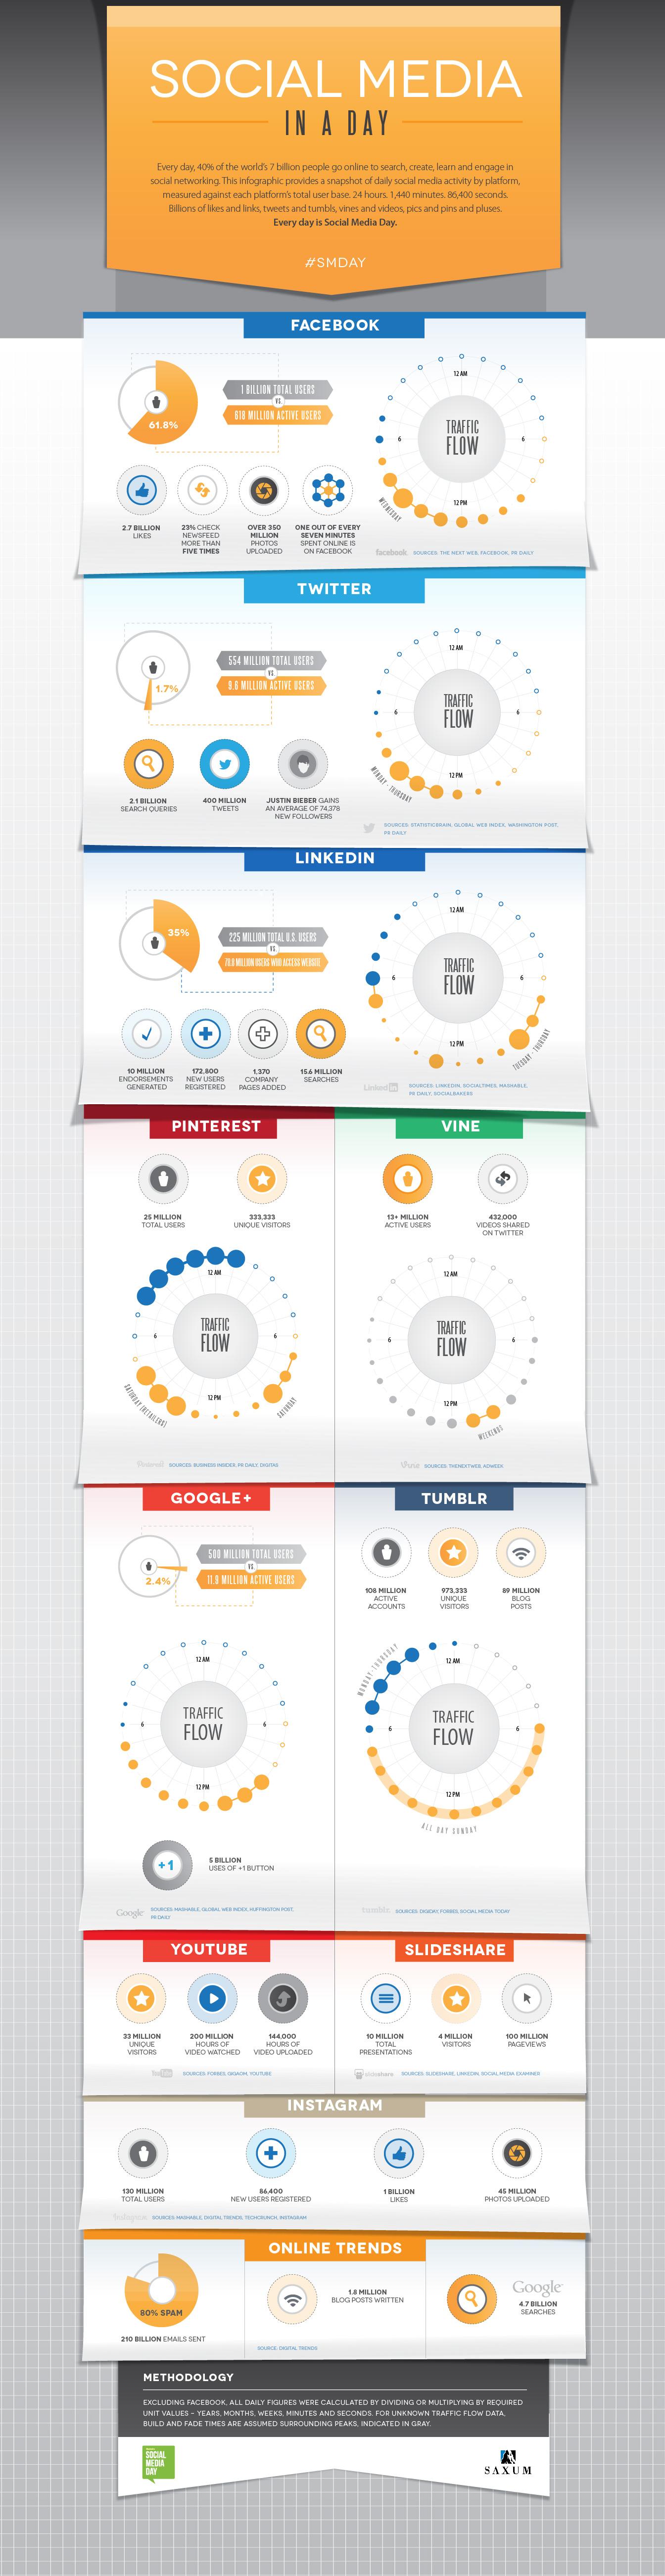 Un día cualquiera en las redes sociales - Infografía realizada por SAXUM